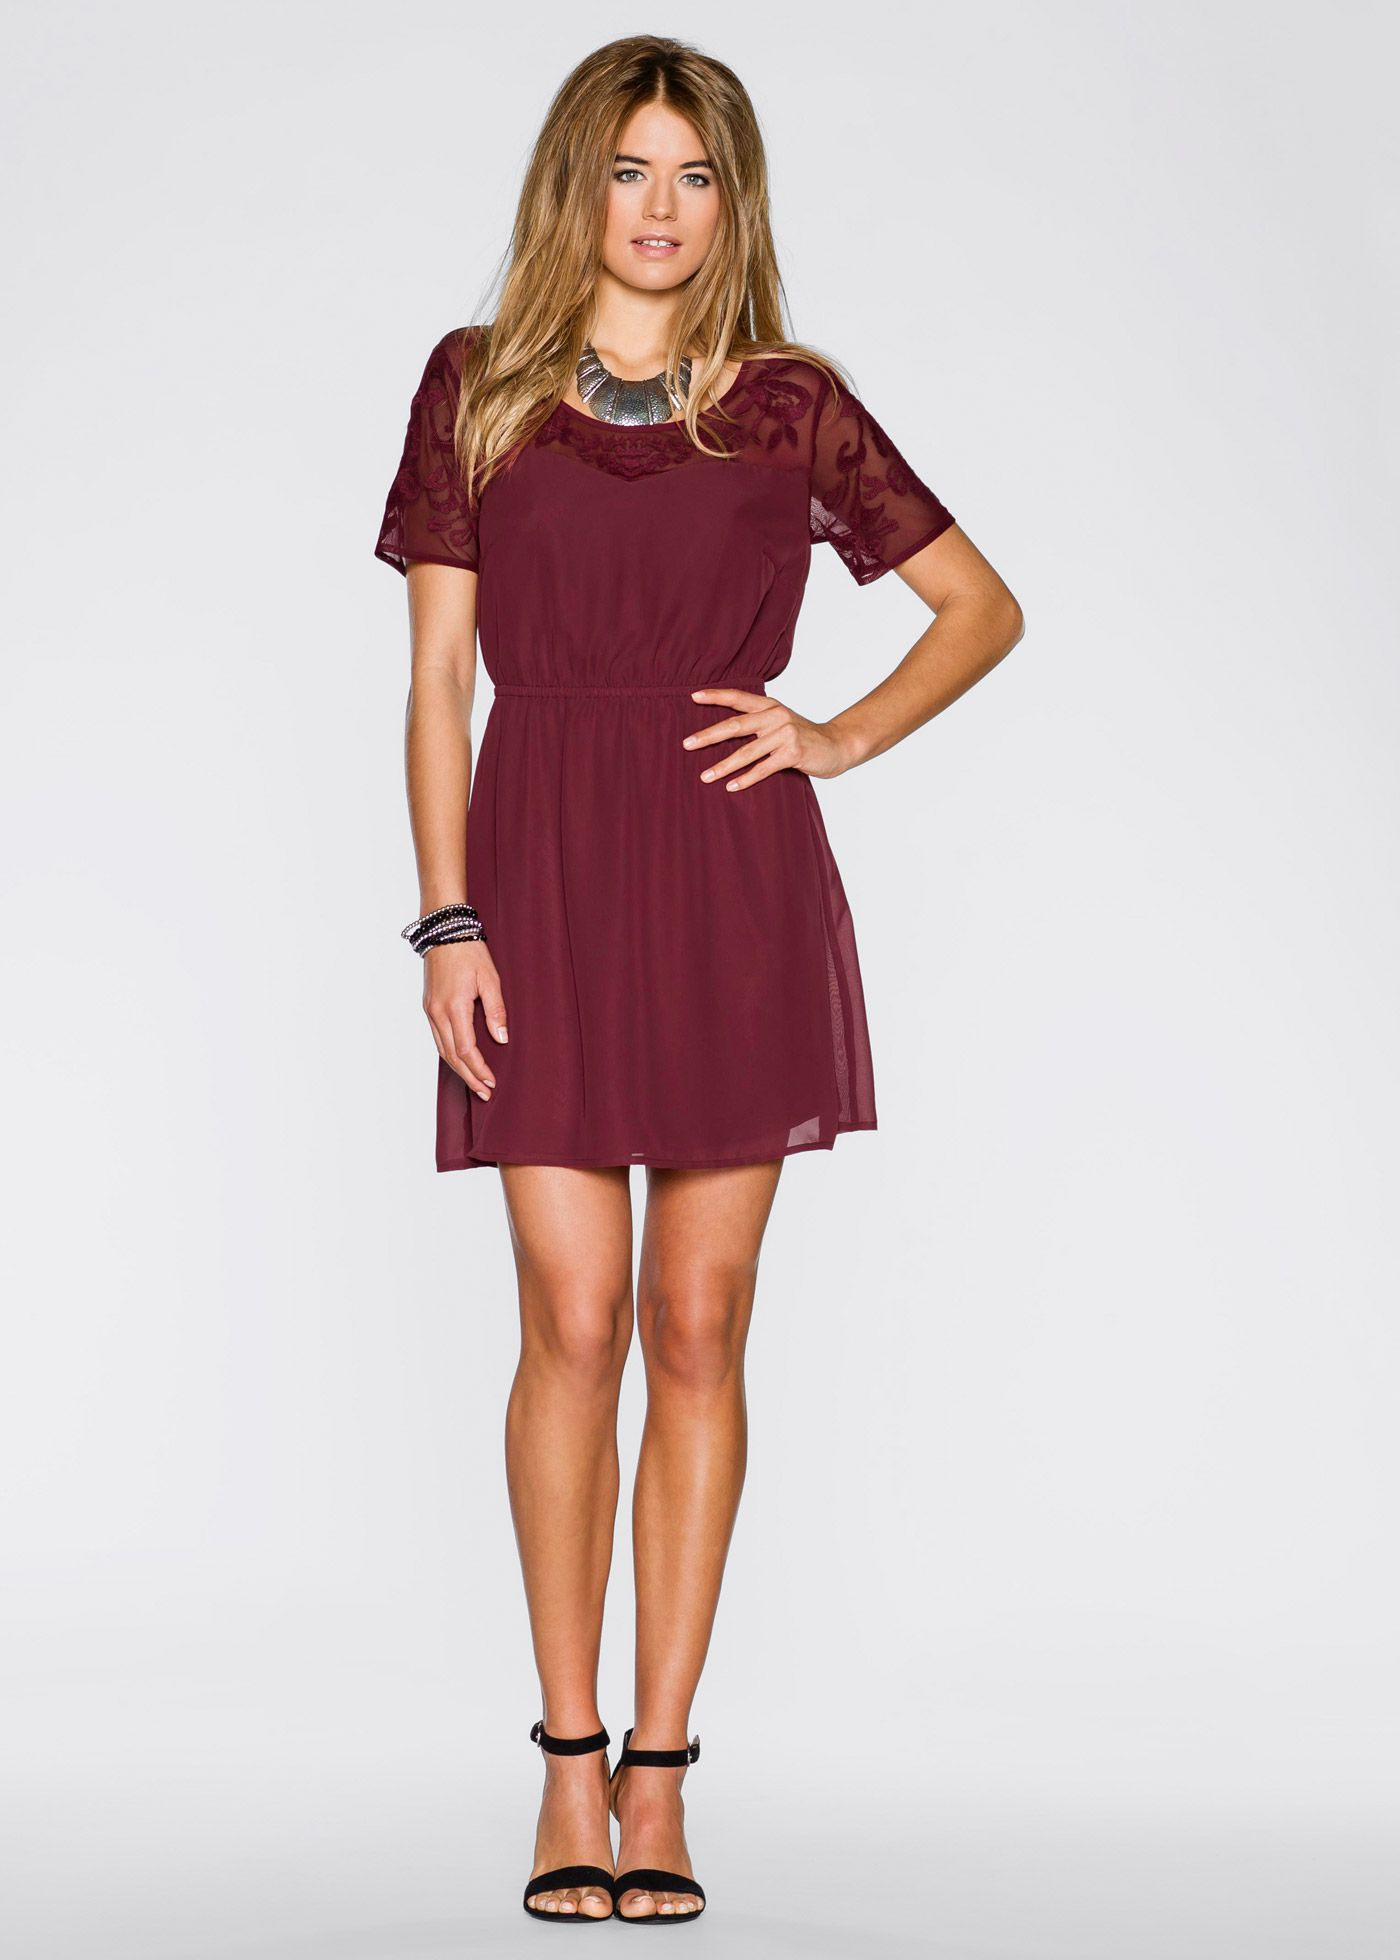 Kleid Mit Netzeinsatz Bordeaux  Rainbow Jetzt Im Online